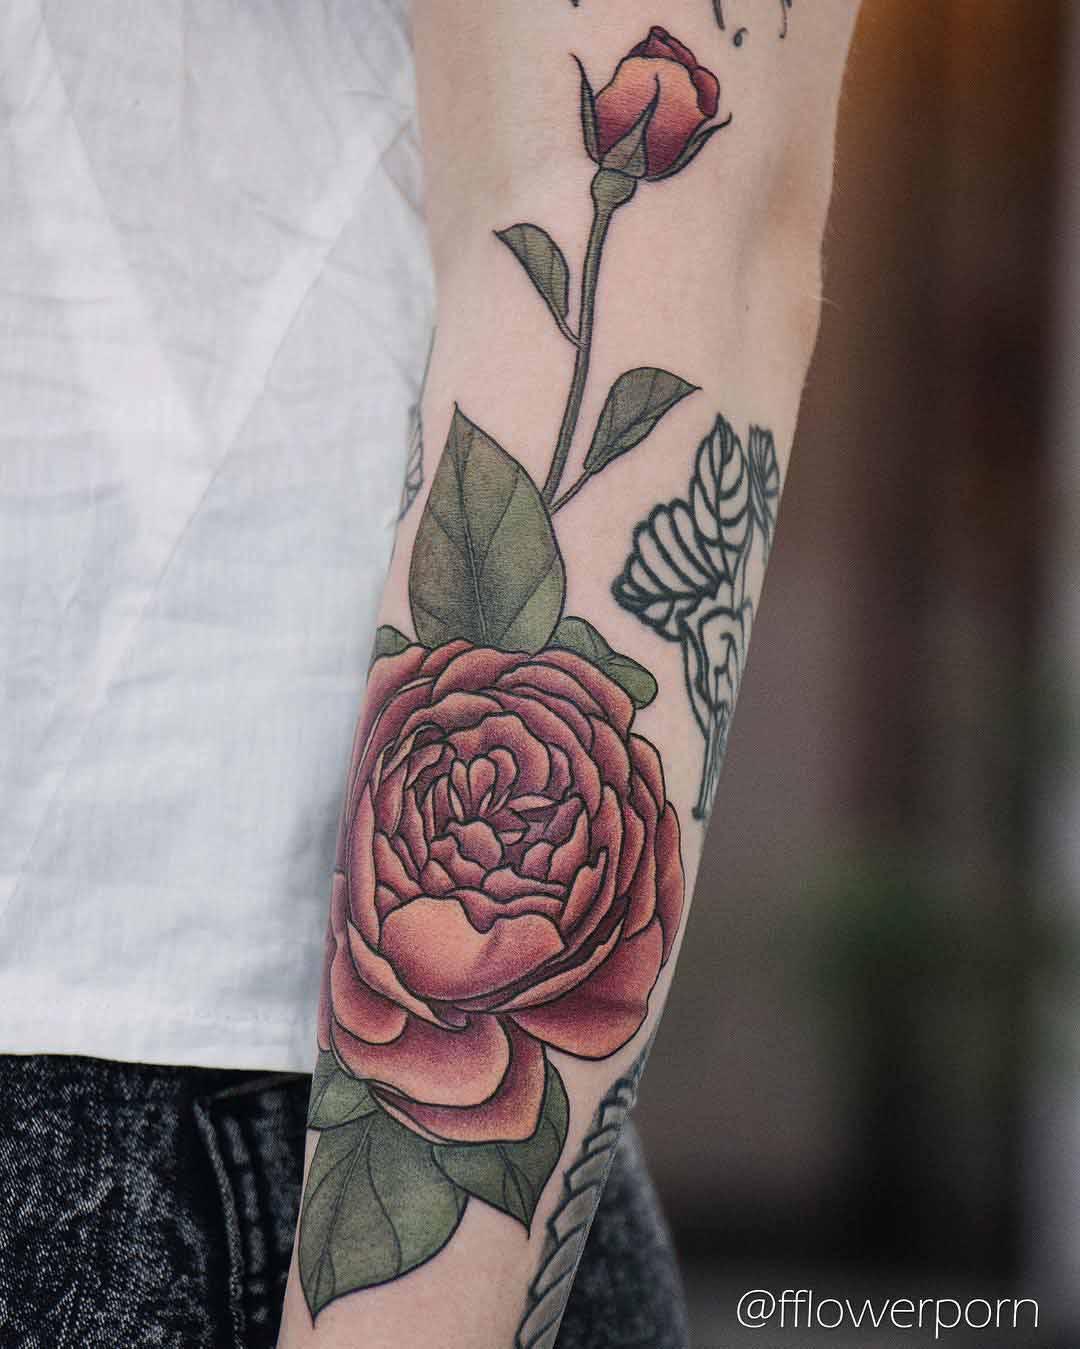 roses tattoo on arm